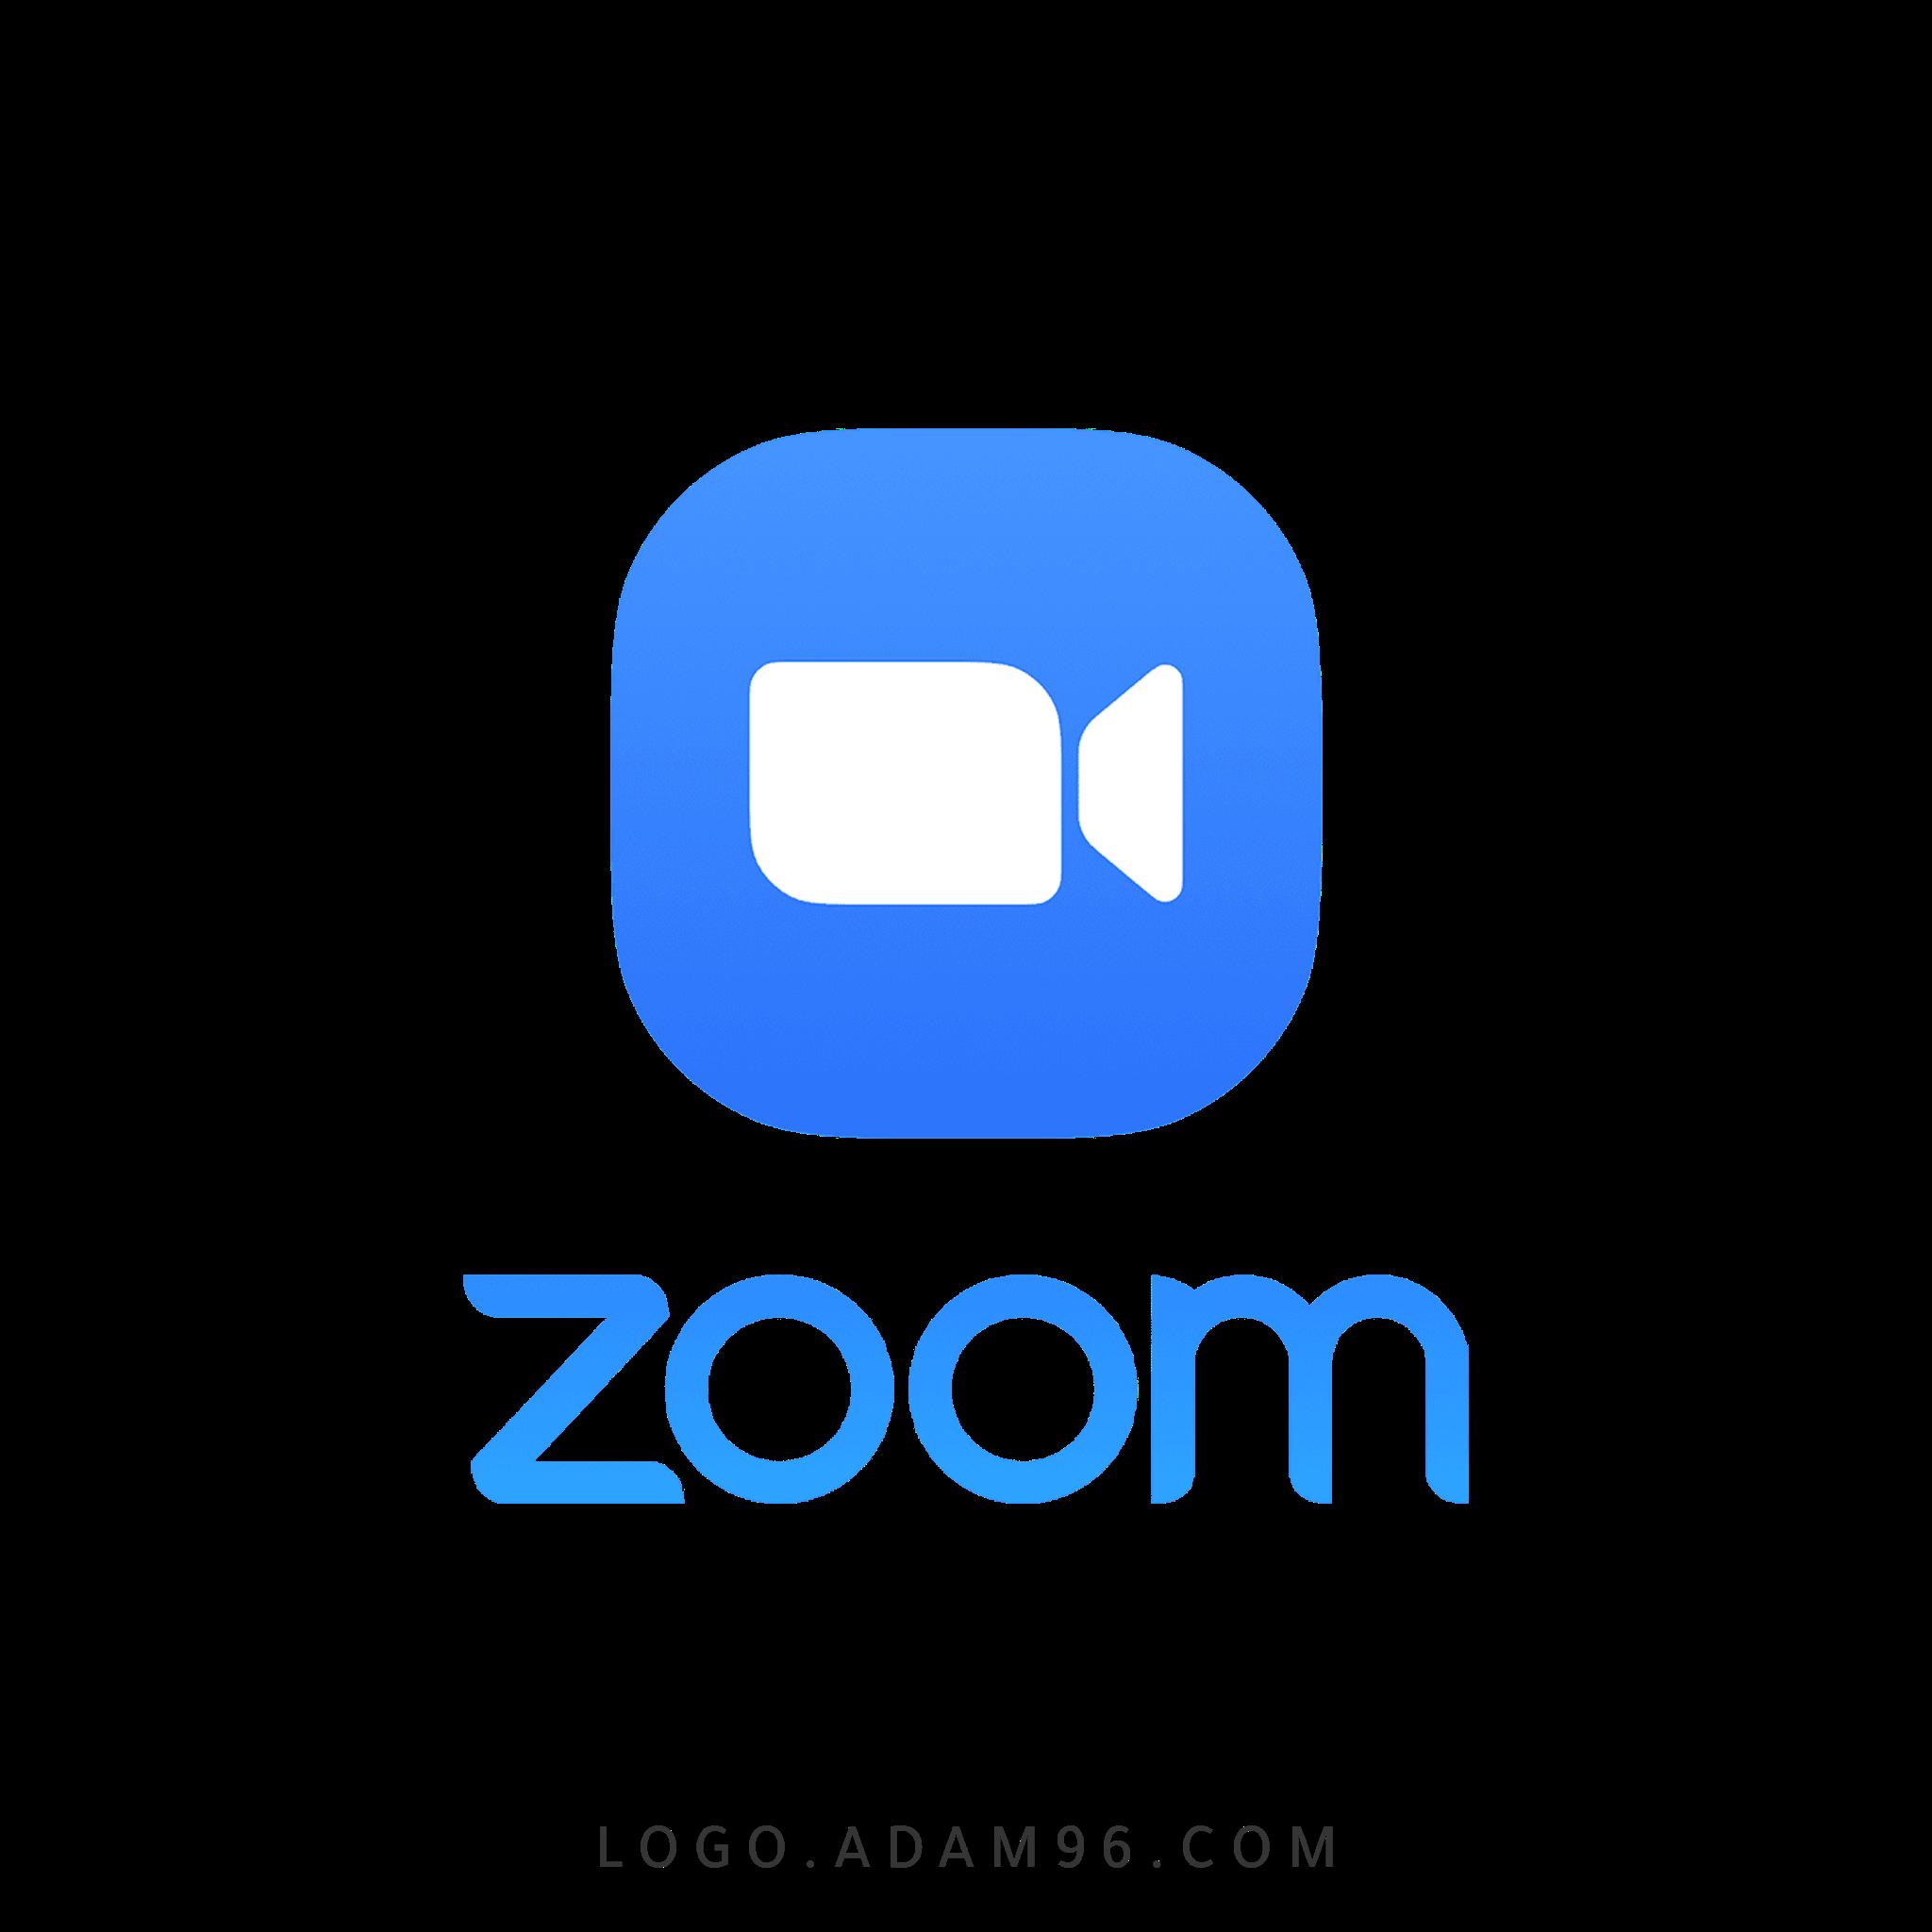 تحميل شعار موقع زووم التعليمي لوجو رسمي عالي الدقة بصيغة شفافة Logo Zoom PNG